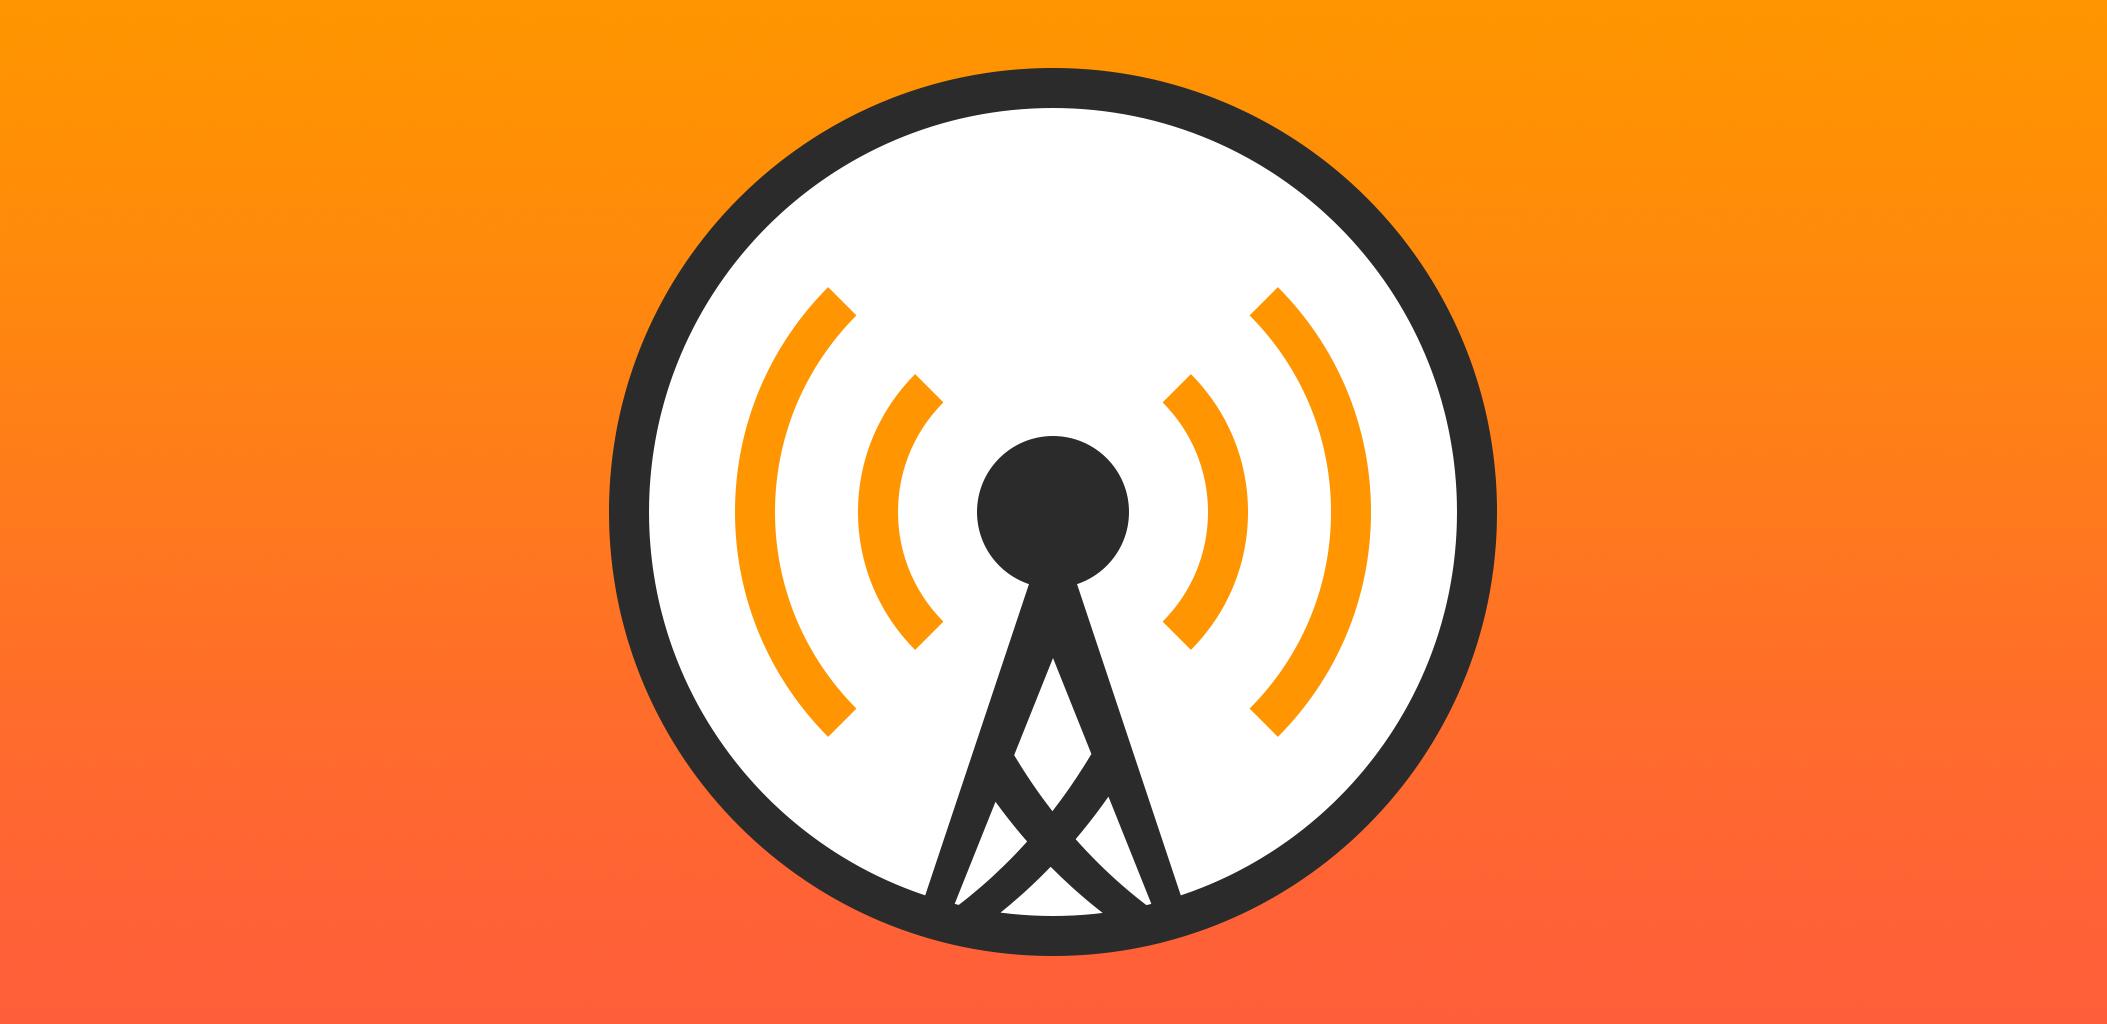 Análisis de Overcast - La Revolución de los Podcatchers